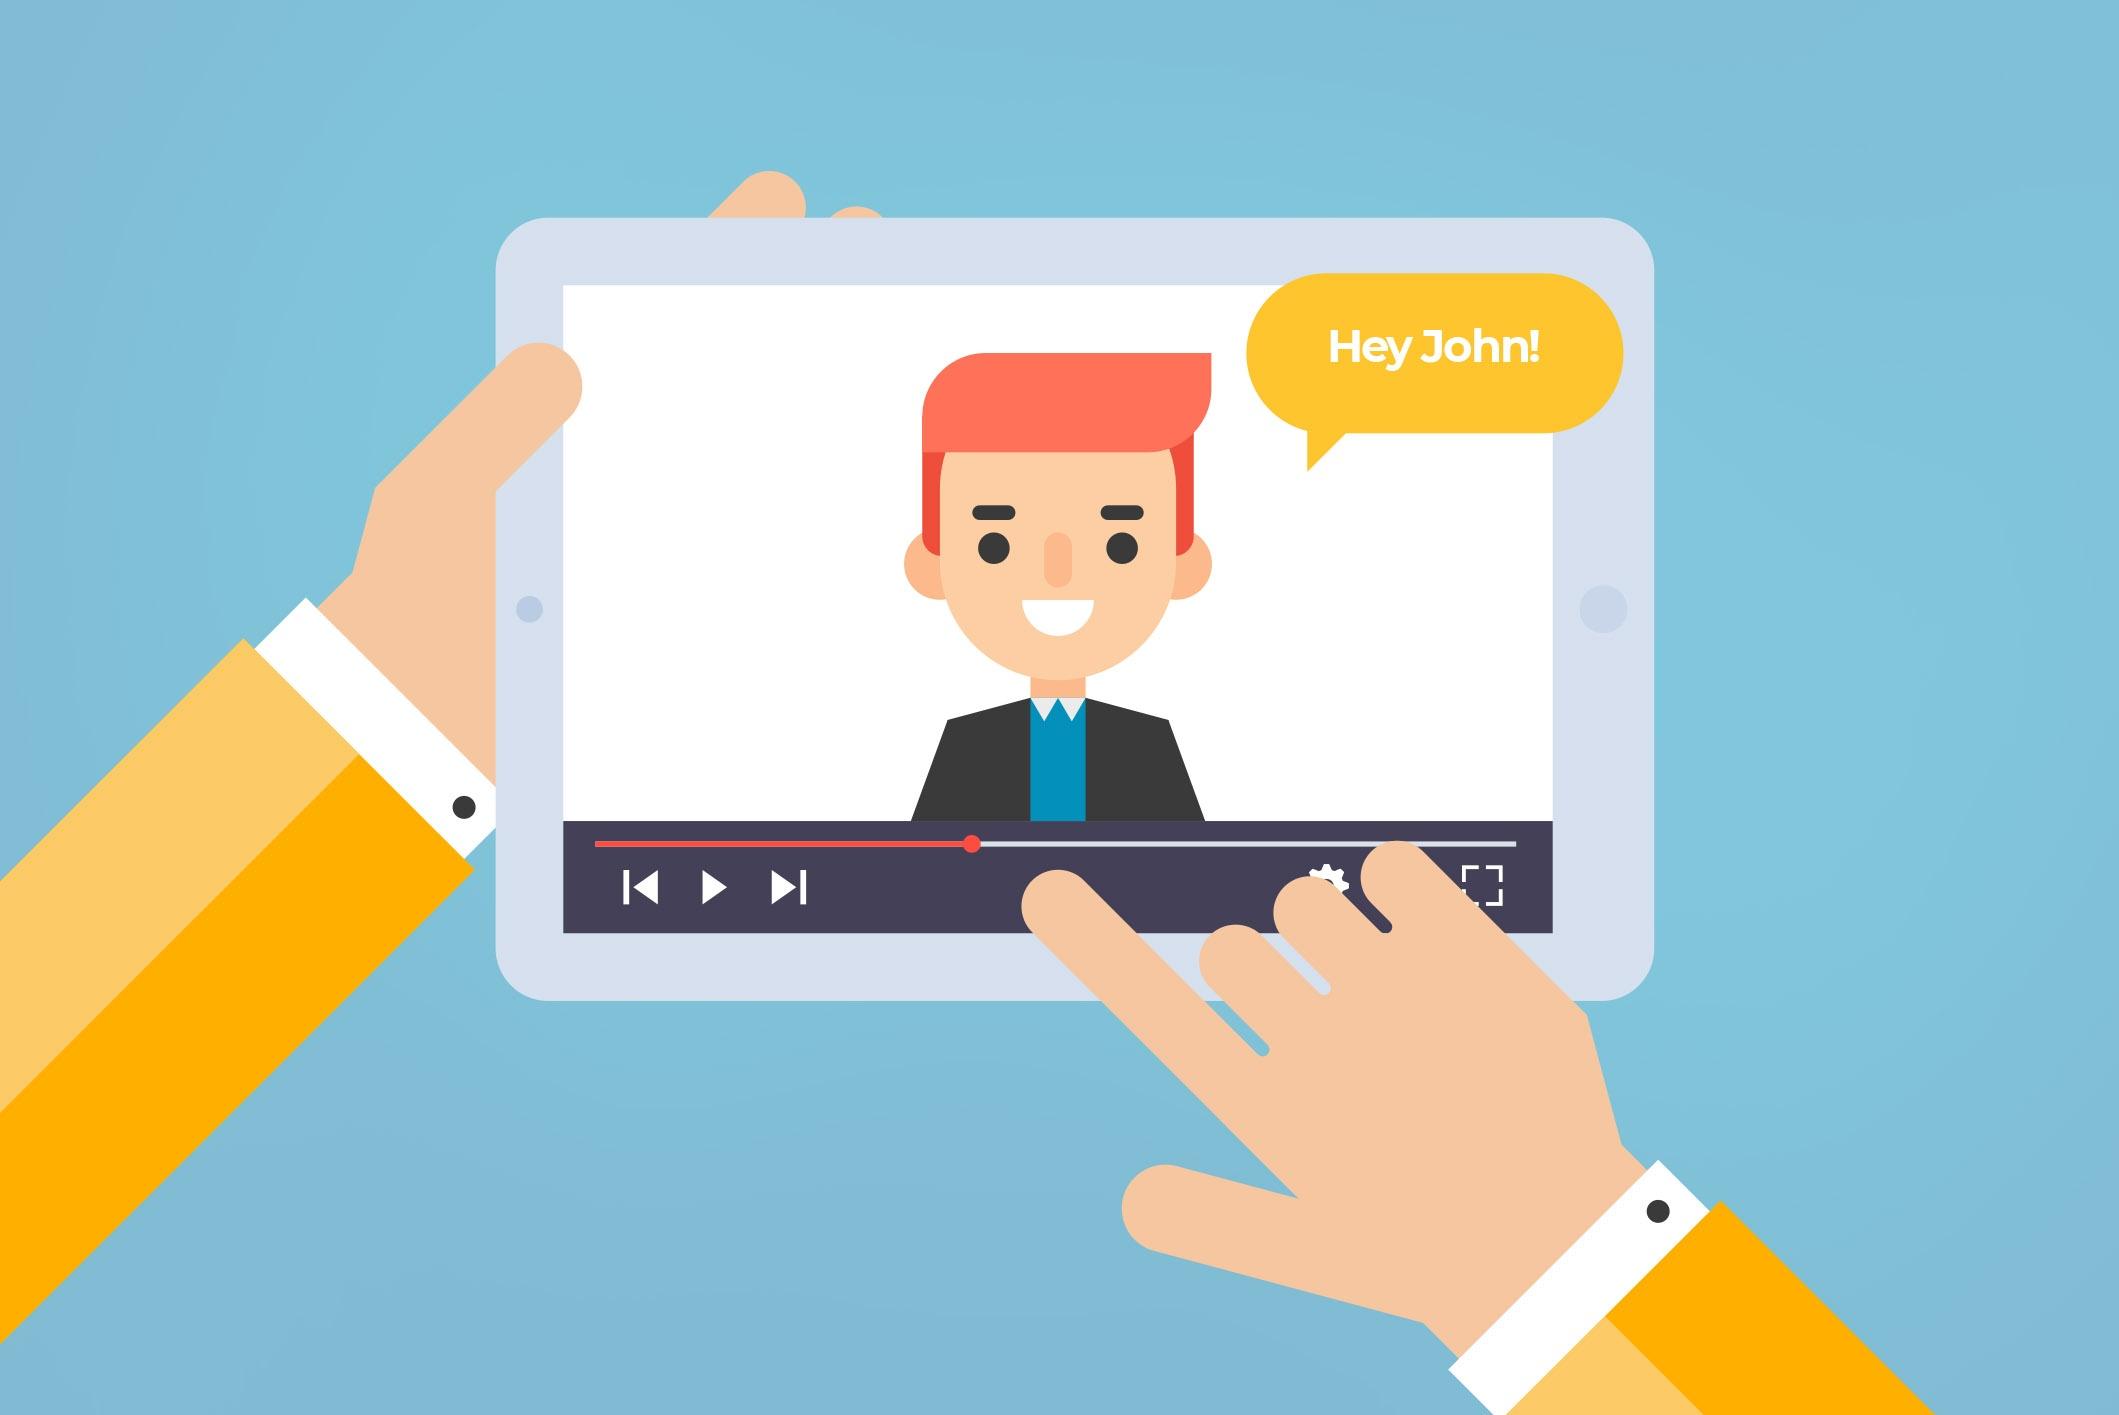 Welche Vorteile bietet personalisiertes Video, um Ihren Marketing-ROI zu steigern?